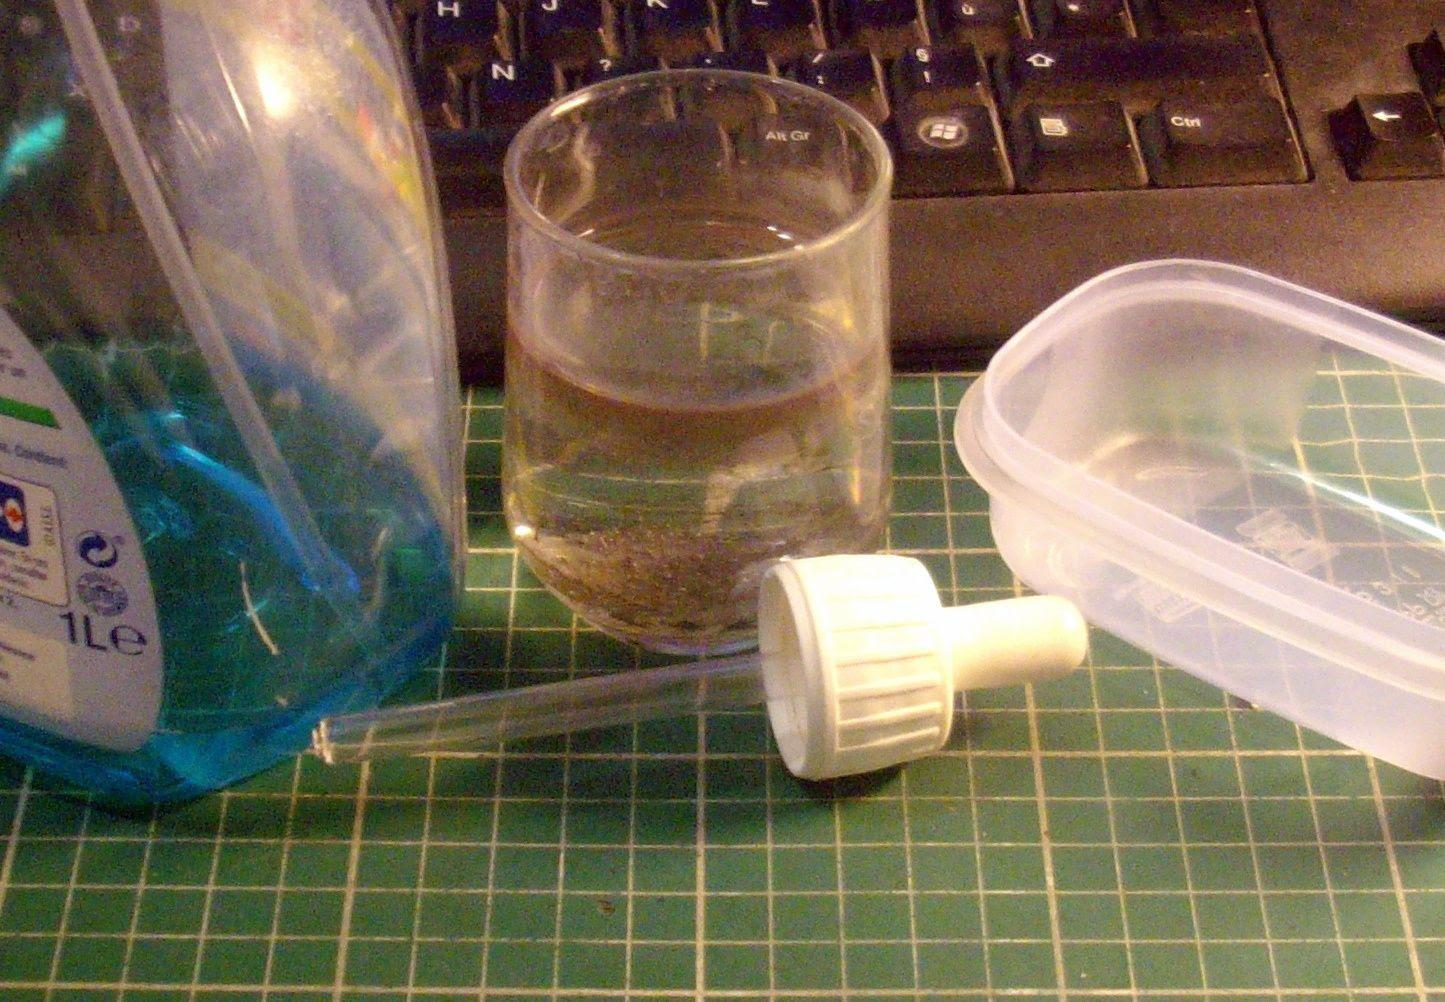 Tutoriel 5 Récupérer Un Vieux Pot De Peinture Acrylique Mikofone